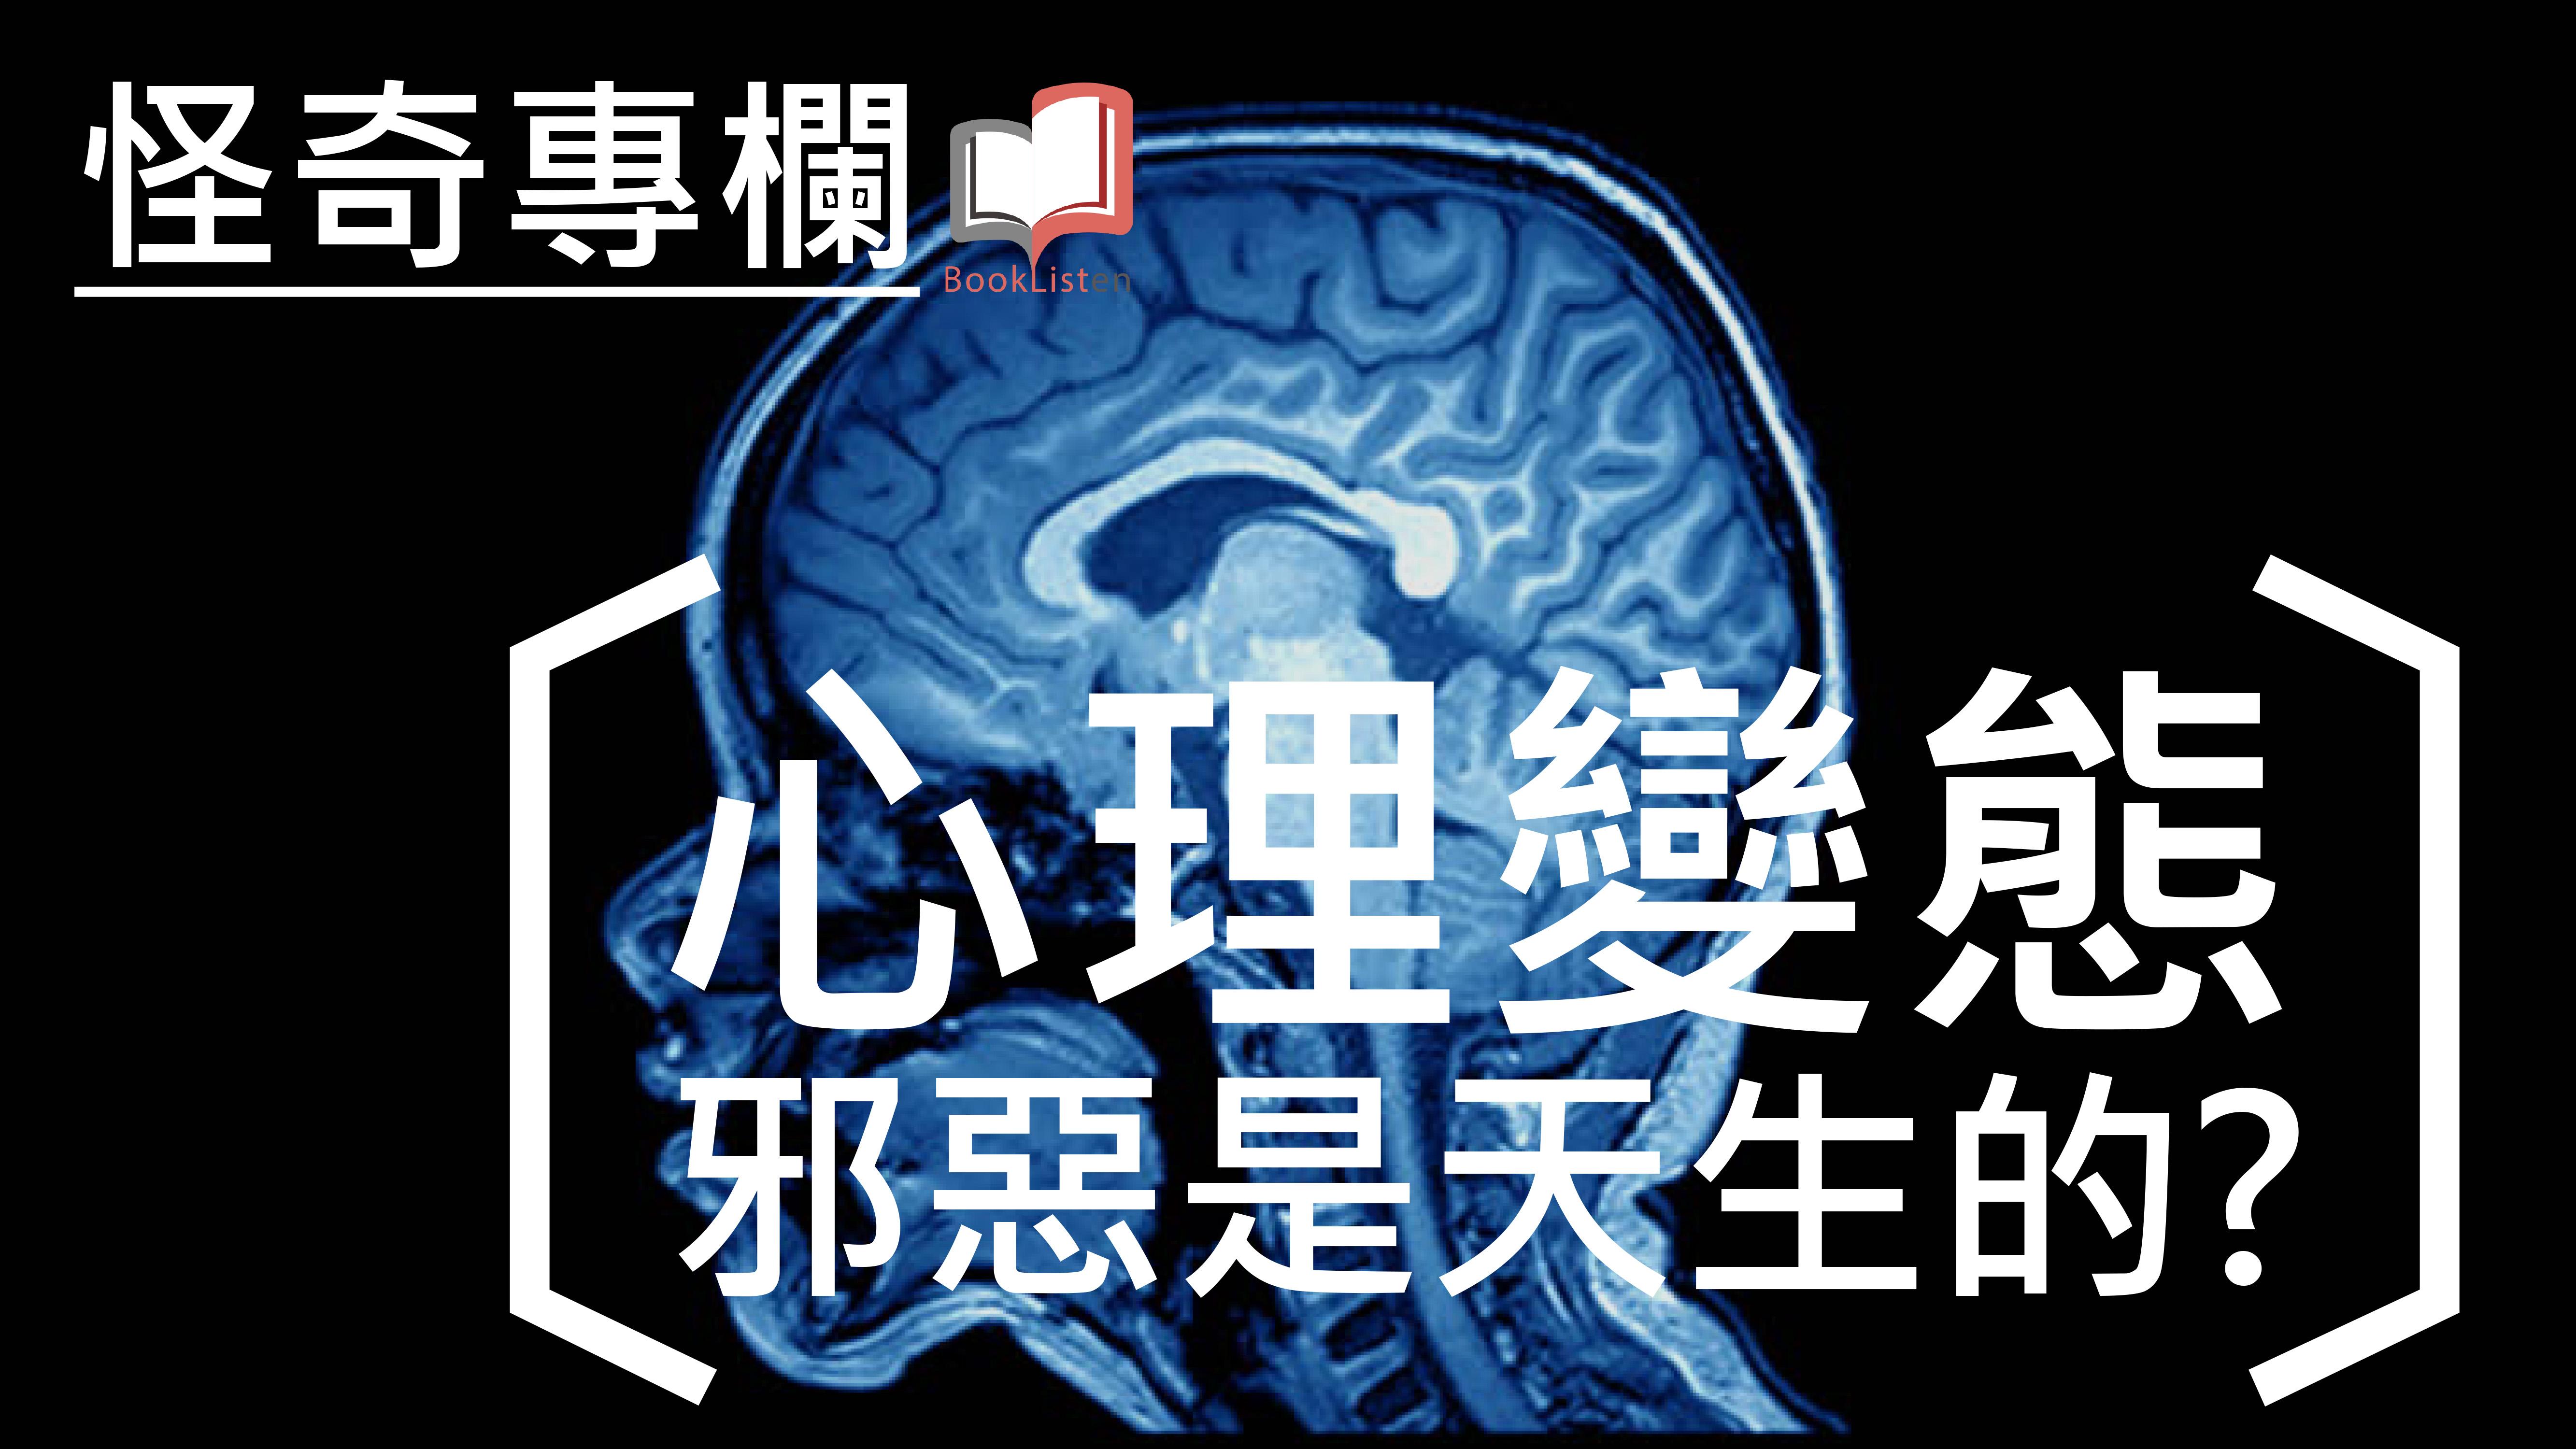 邪惡是天生的?生吃人腦的人魔魅力在哪?深入了解【心理變態】!